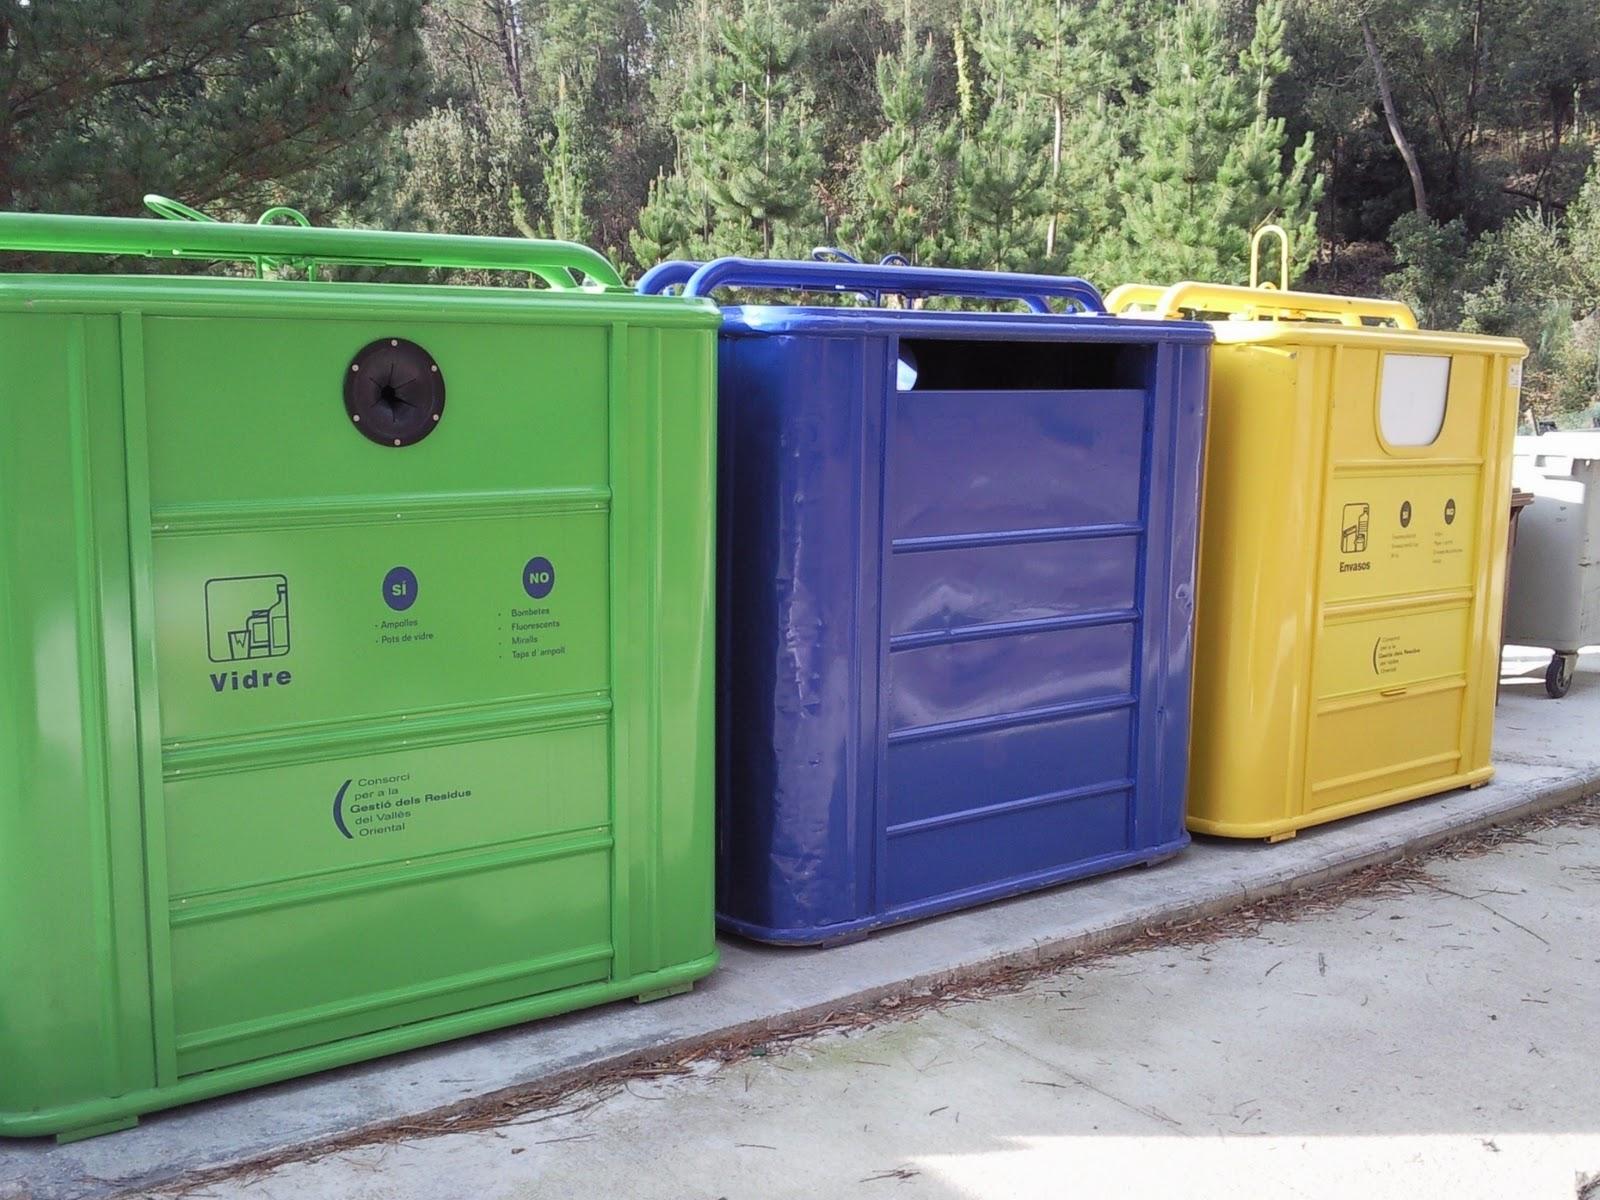 Movilex contenedores de reciclaje qu se echa y qu no - Contenedores de reciclar ...